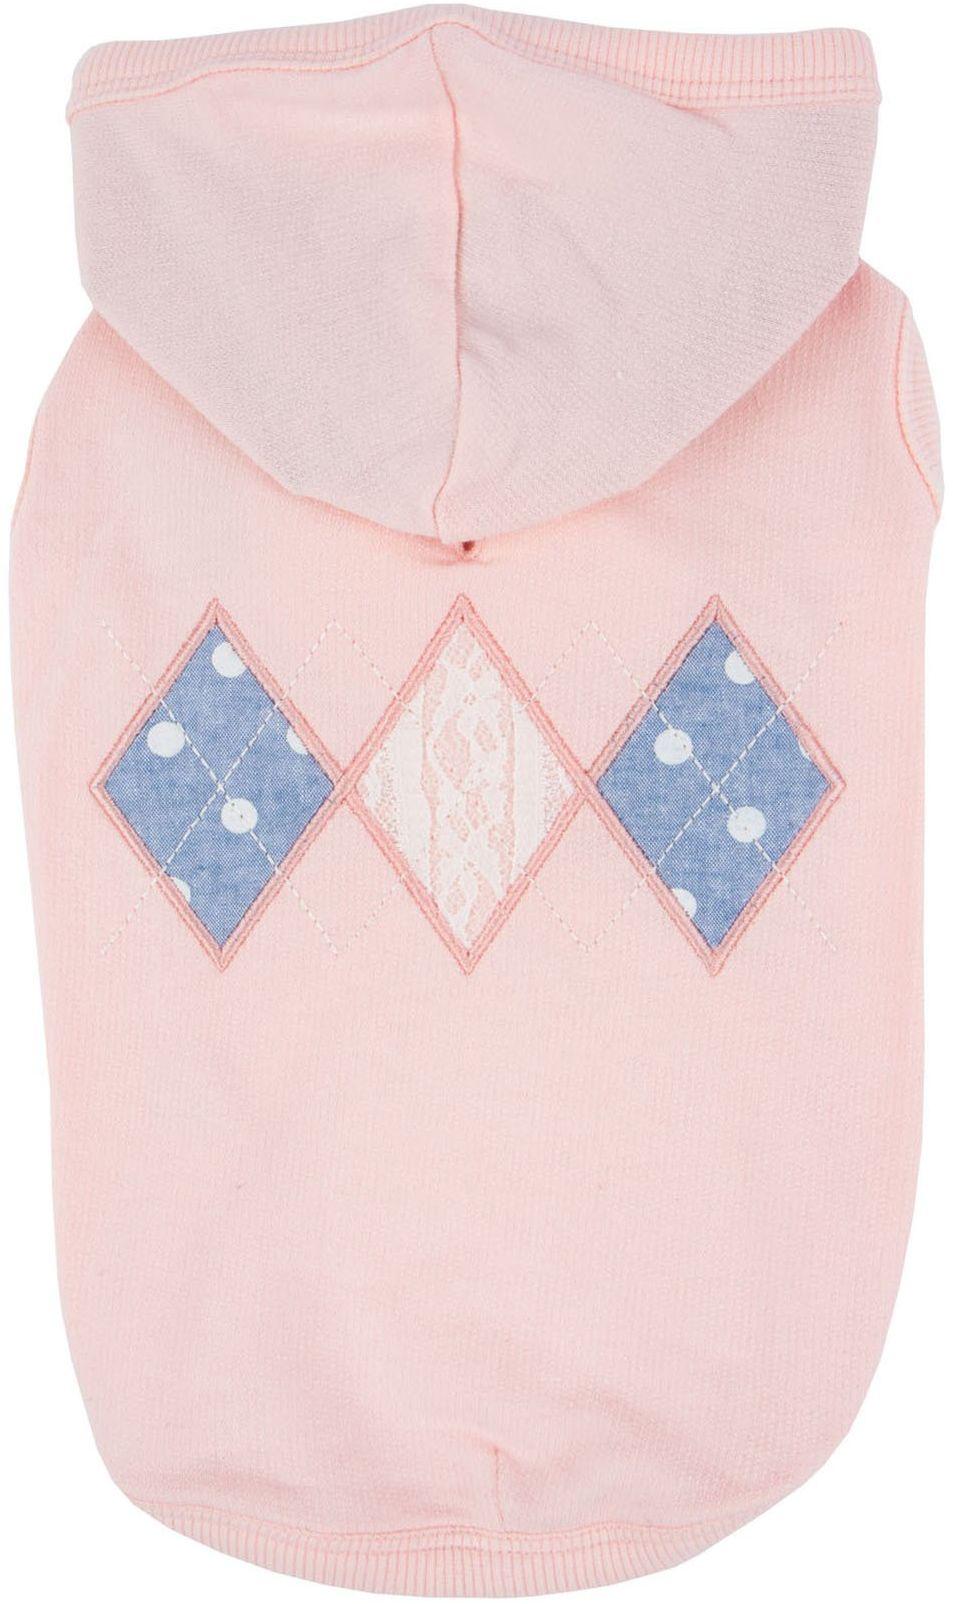 Pinkaholic New York NARA-TS7309-IP-M indyjskie różowe łapacze bluzy dla zwierząt domowych, średnie